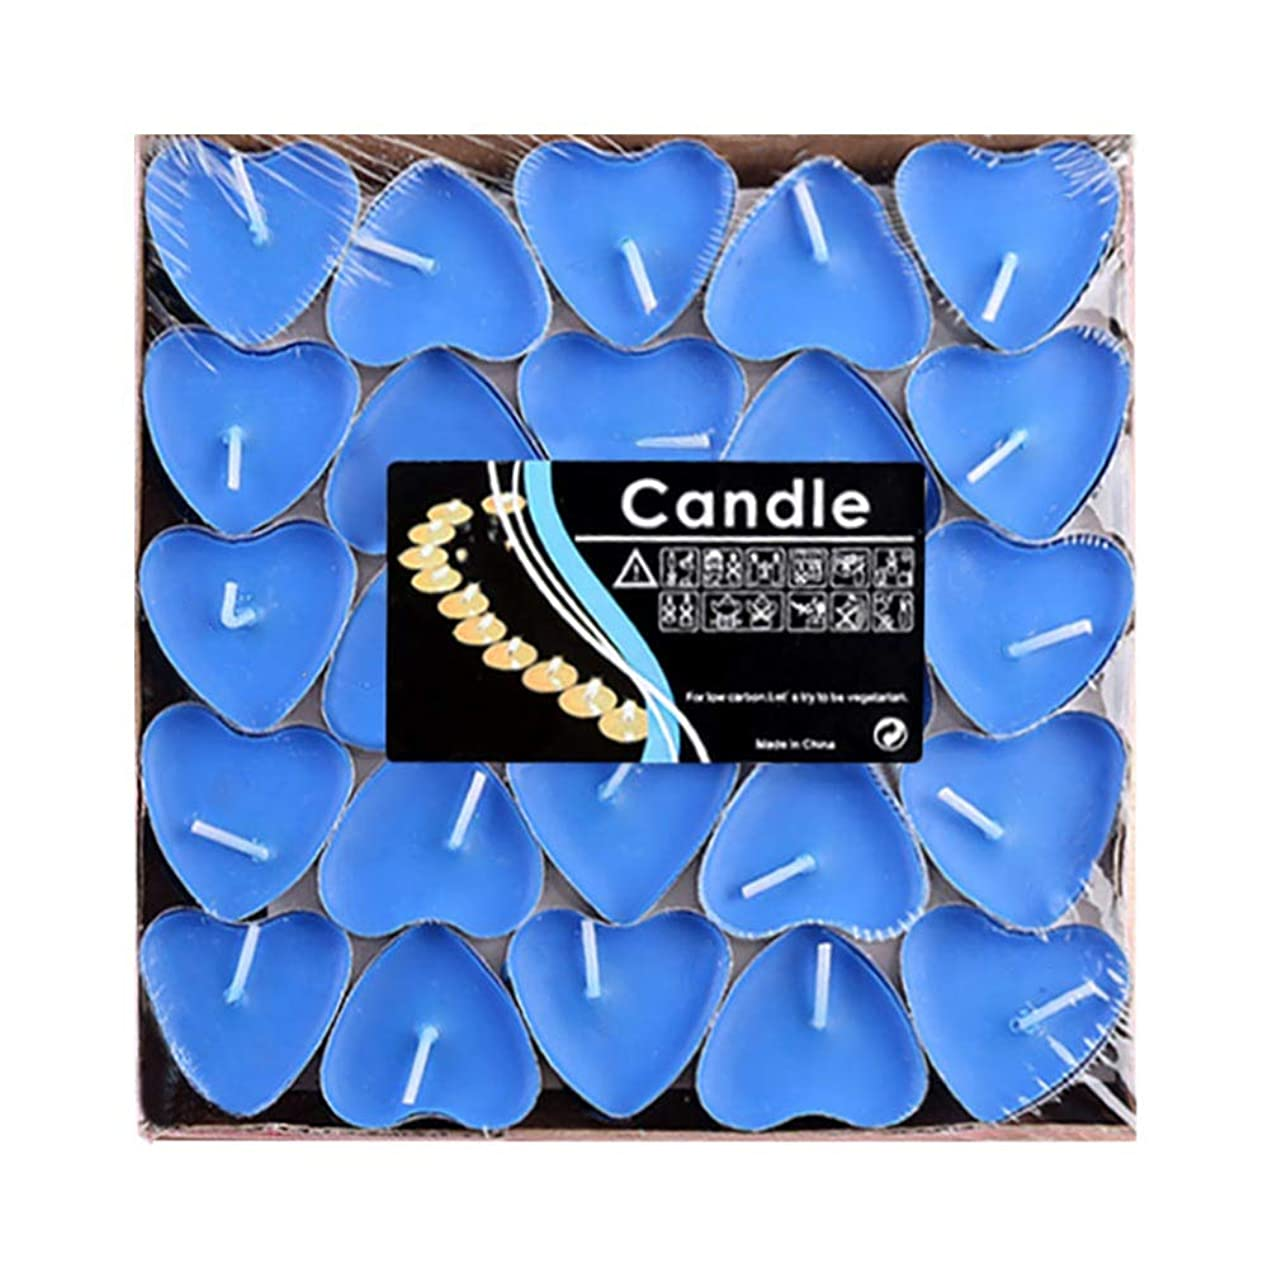 一貫したスピーカーどれHwagui ハート型 キャンドル 人気 アロマキャンドル 芳醇で キャンドル ロマンス、愛の告白、キャンドル 50個 2時間 ZH009